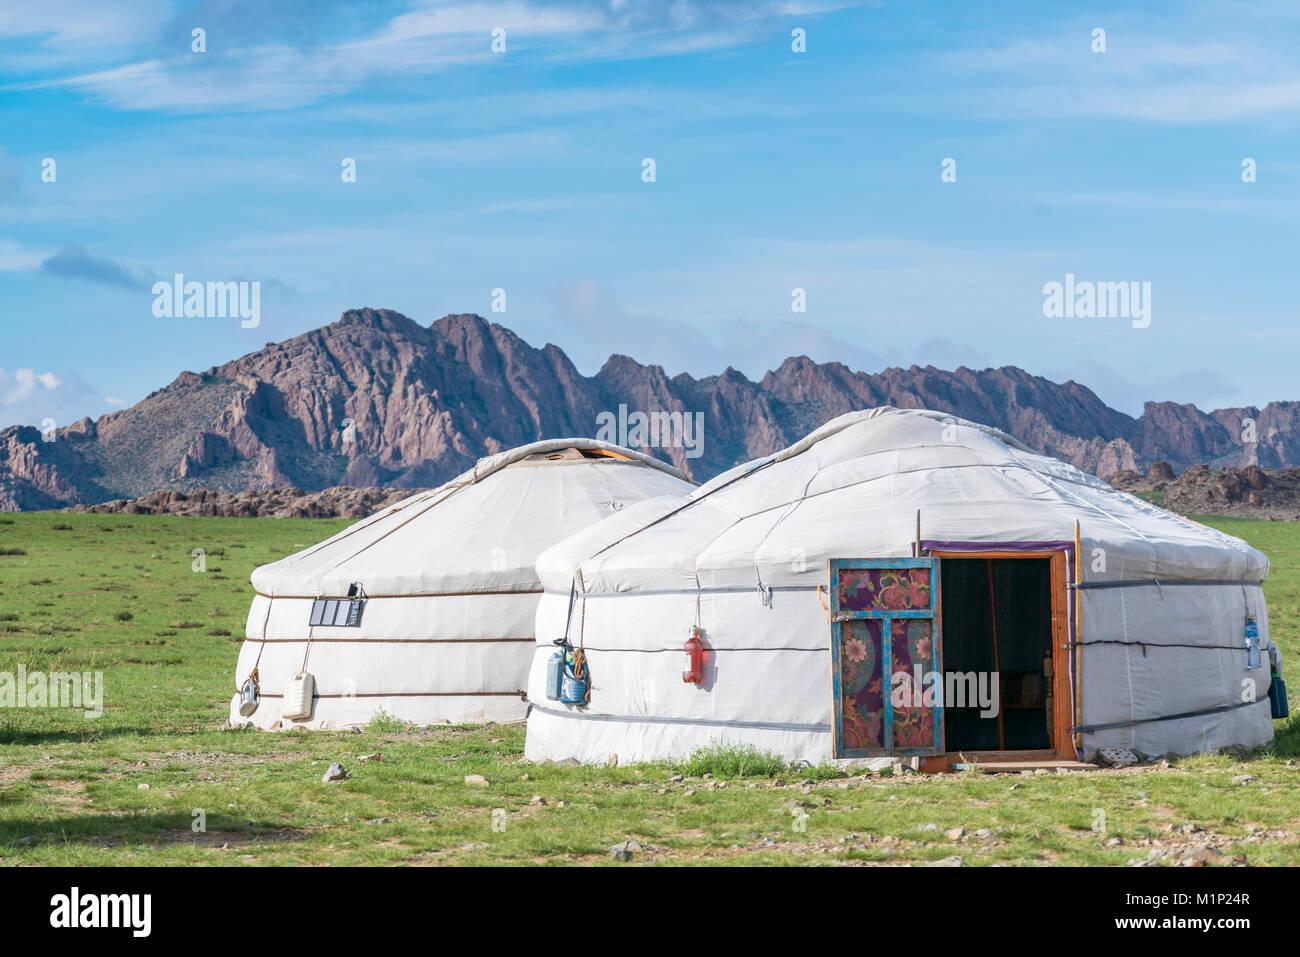 Gers Mongols et les montagnes en arrière-plan, au milieu de la province de Gobi, la Mongolie, l'Asie centrale, Photo Stock